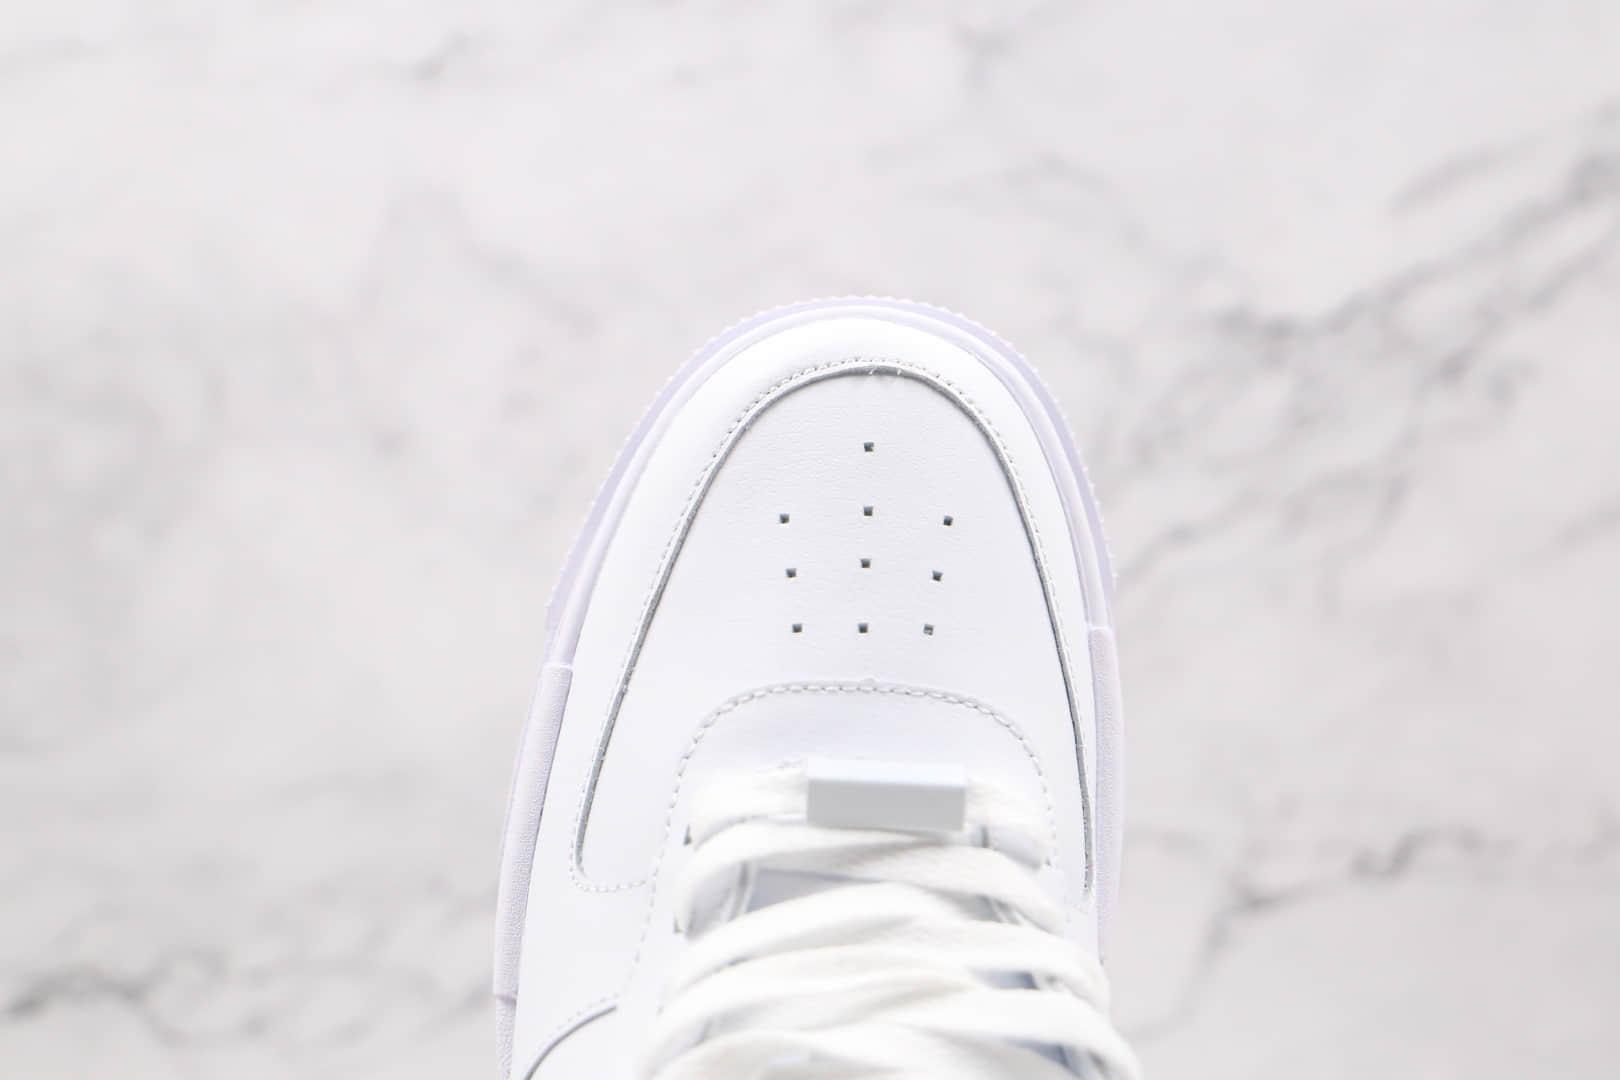 耐克Nike Air Force 1 Pixel SE纯原版本低帮空军一号豹纹板鞋原盒原标原档案数据开发 货号:CV8481-100